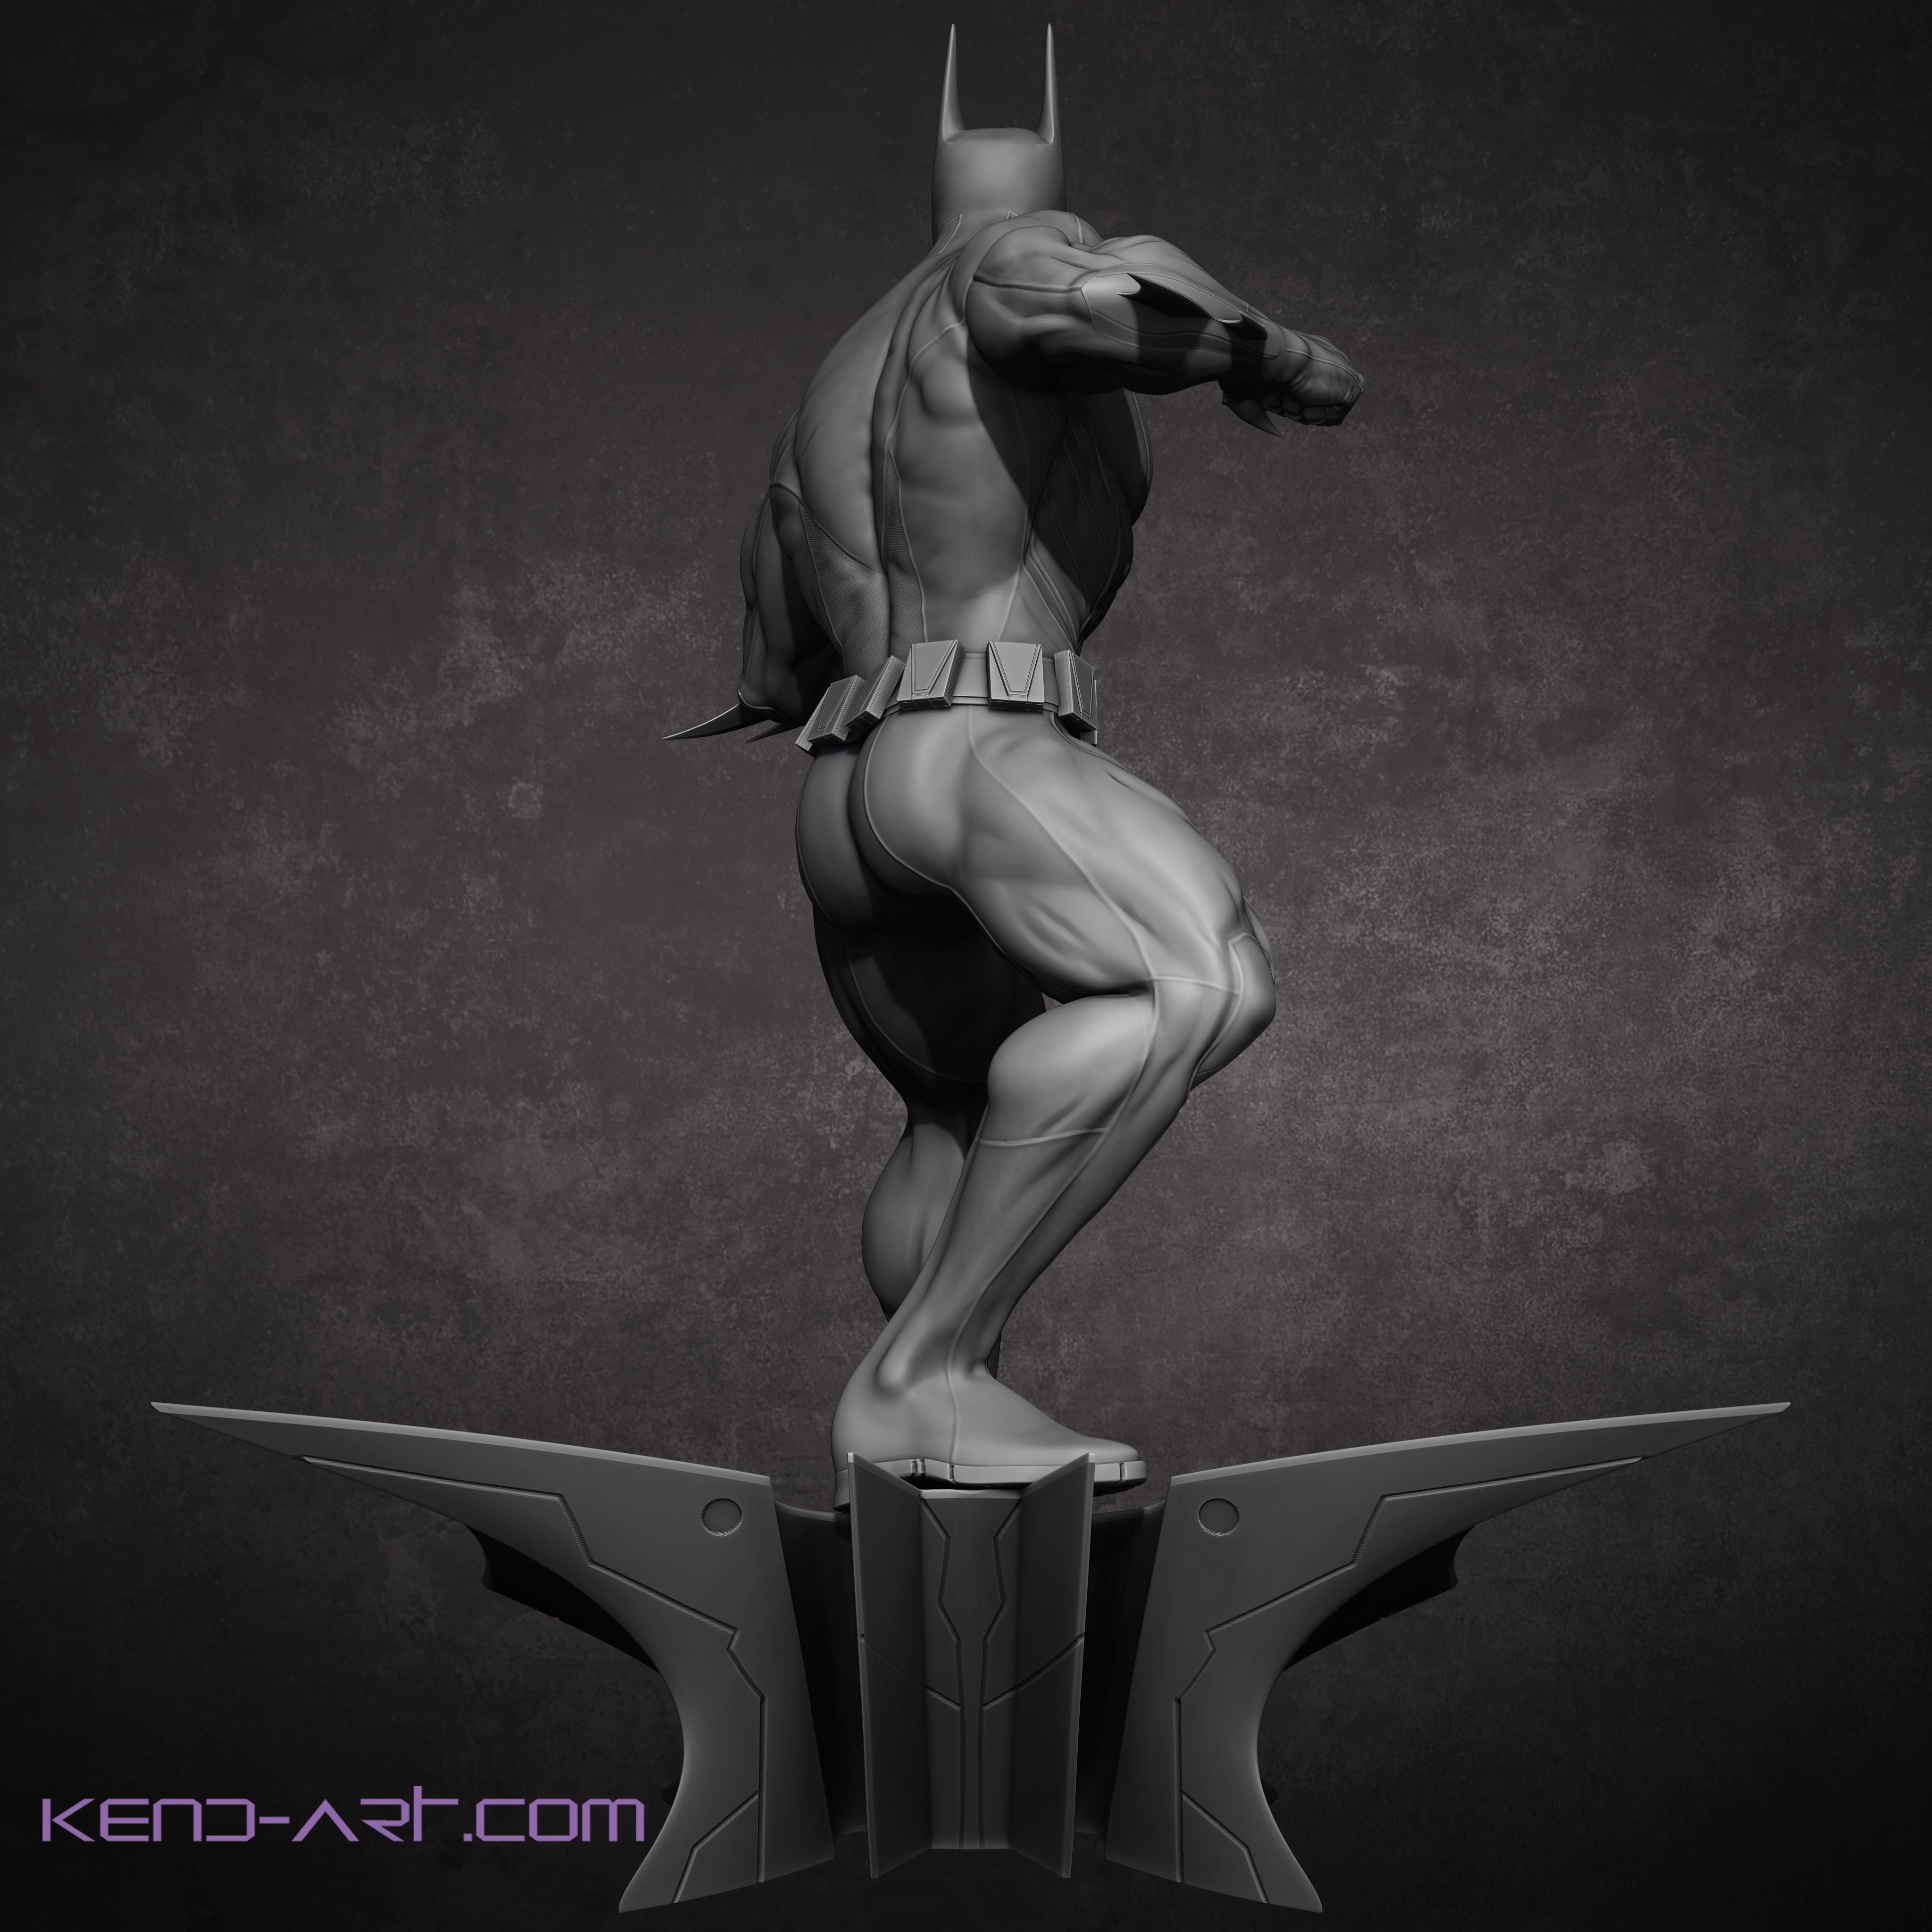 Bruce Wayne Batman Beyond Back by kdoyle9